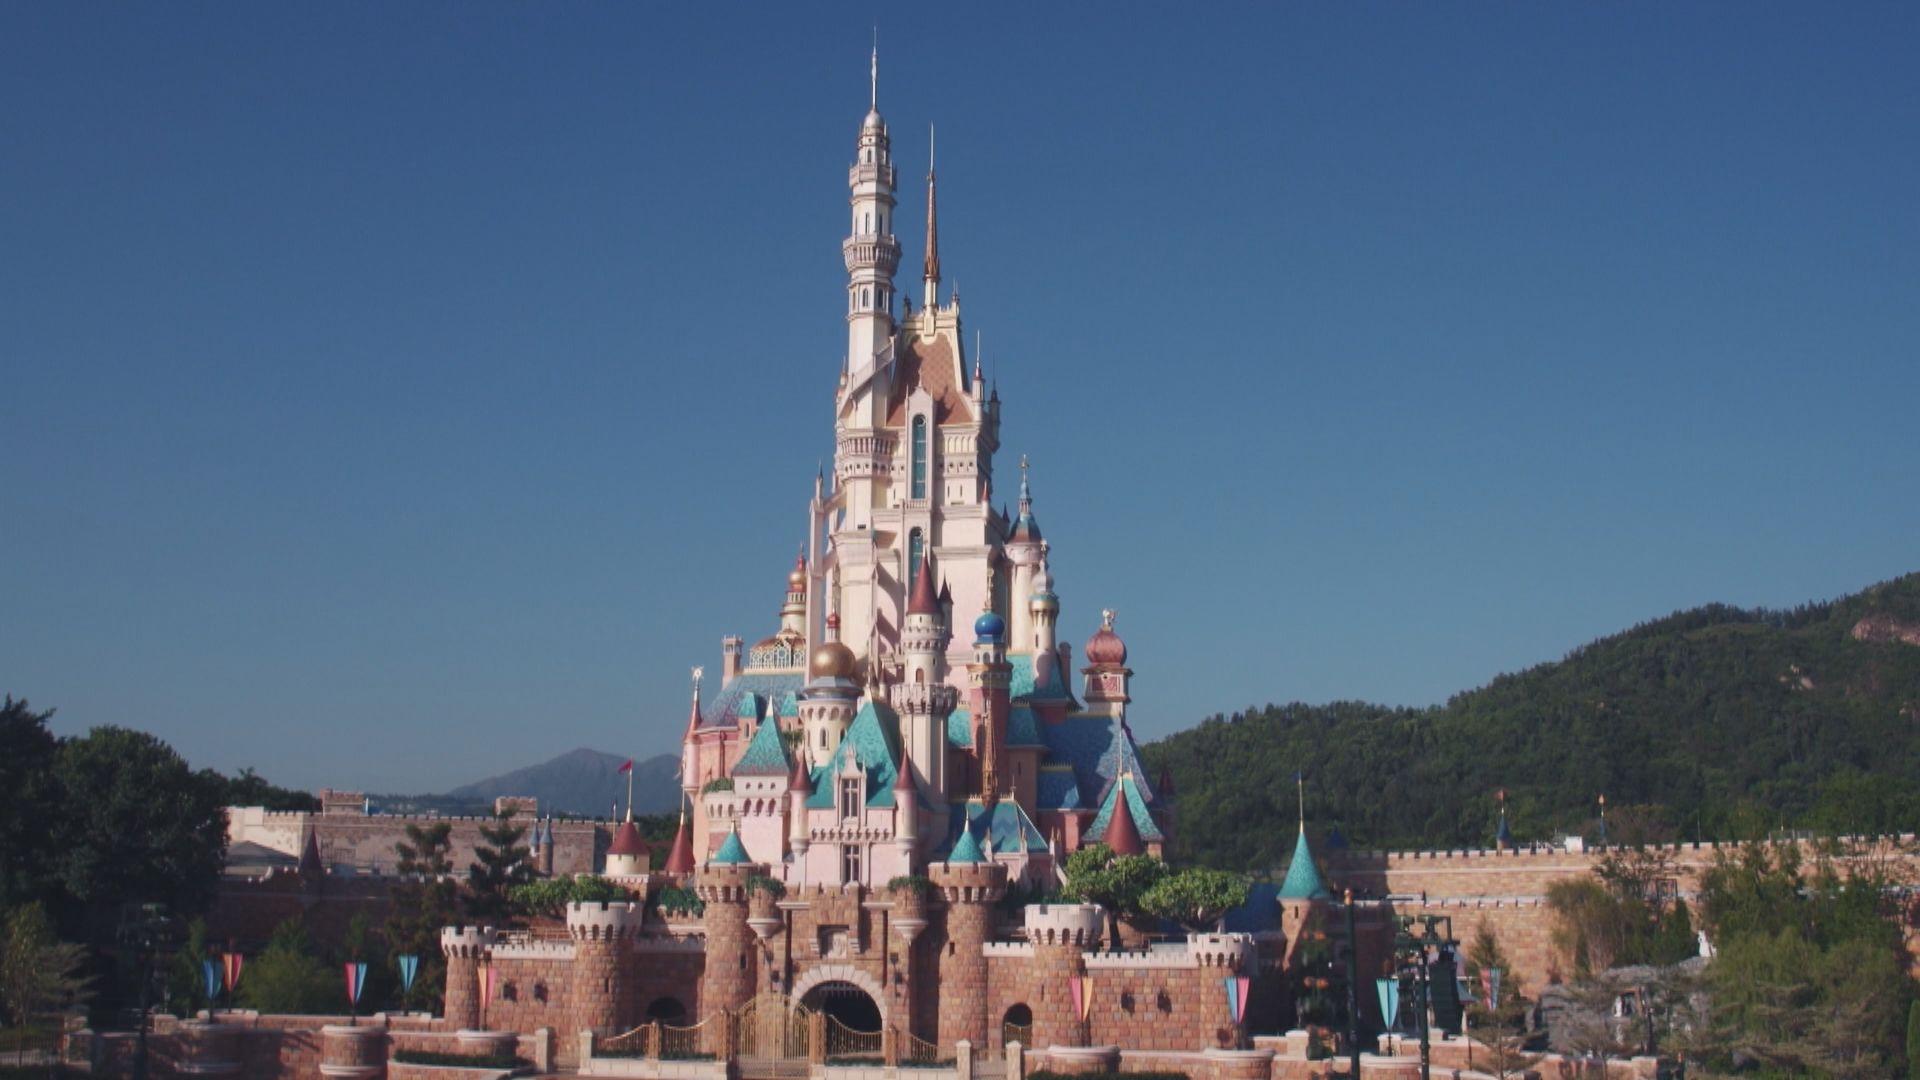 香港迪士尼淨虧損26.6億 園方:暫未計劃裁員加價